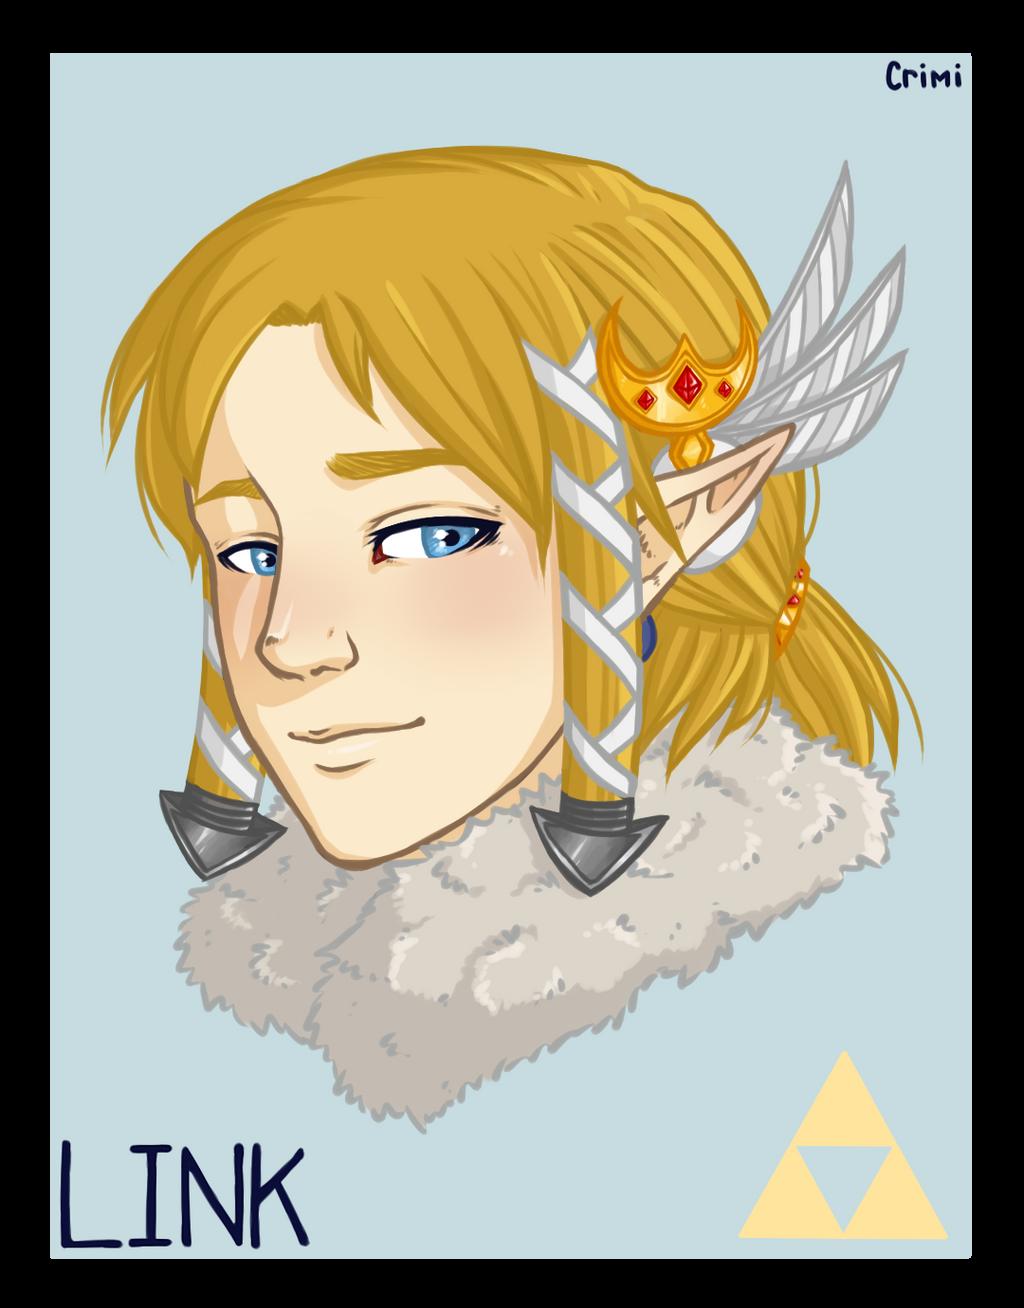 Link - Zelda BotW by Crimi-Azna